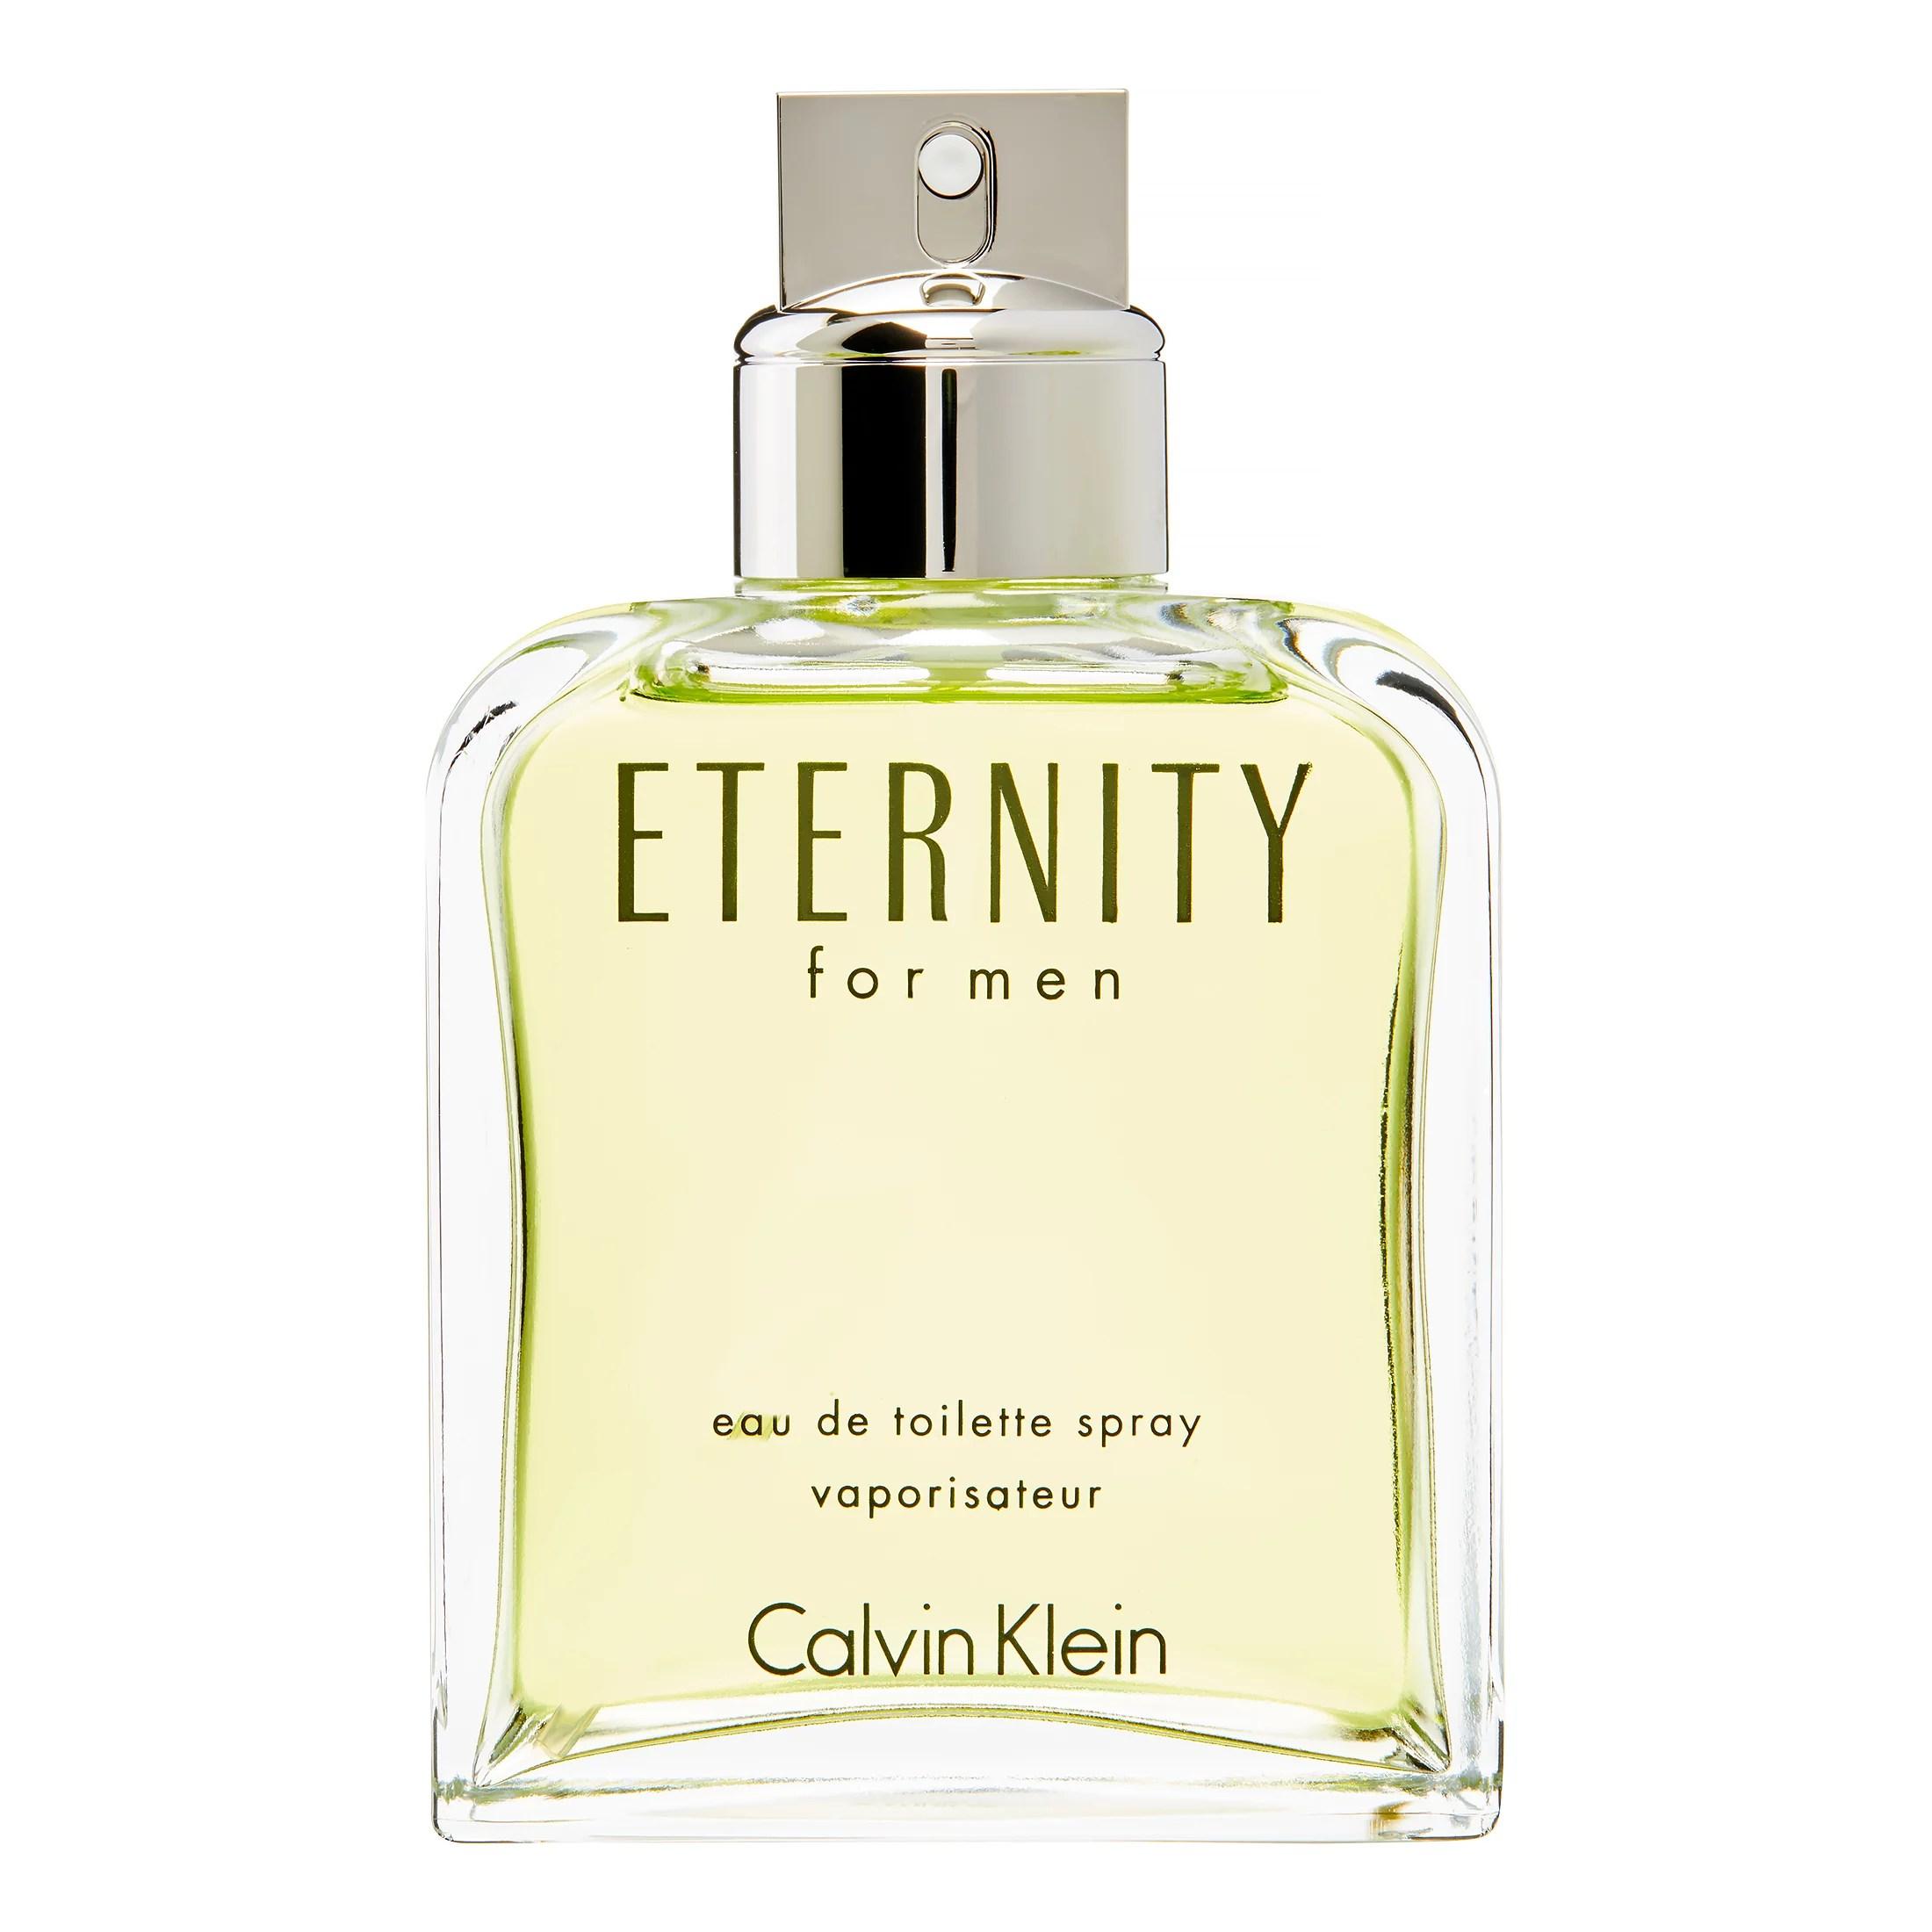 Calvin Klein Eternity Eau De Toilette Spray, Cologne for Men, 6.7 Oz